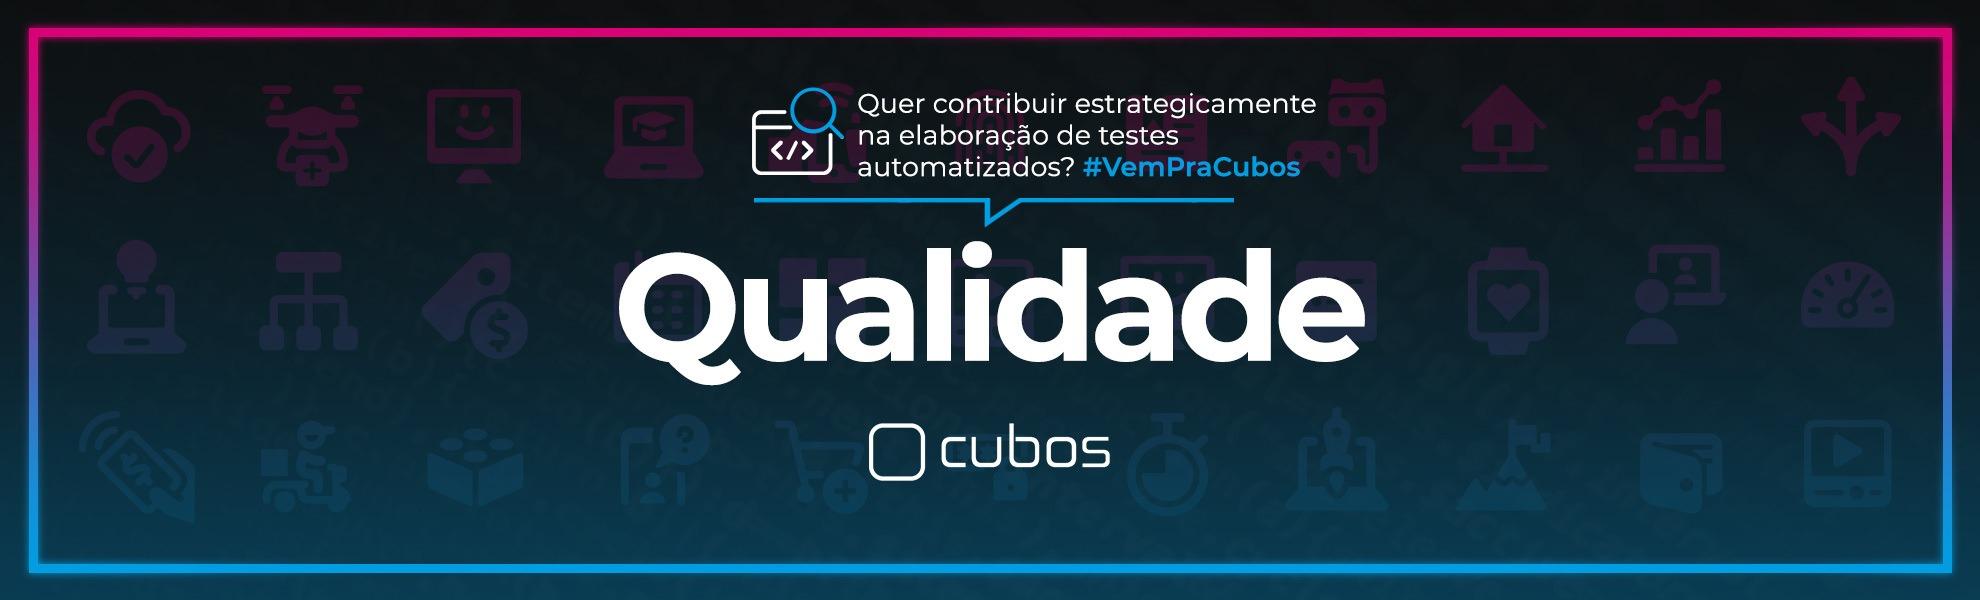 [BANCO DE TALENTOS] Analista de Qualidade de Software (Automação)